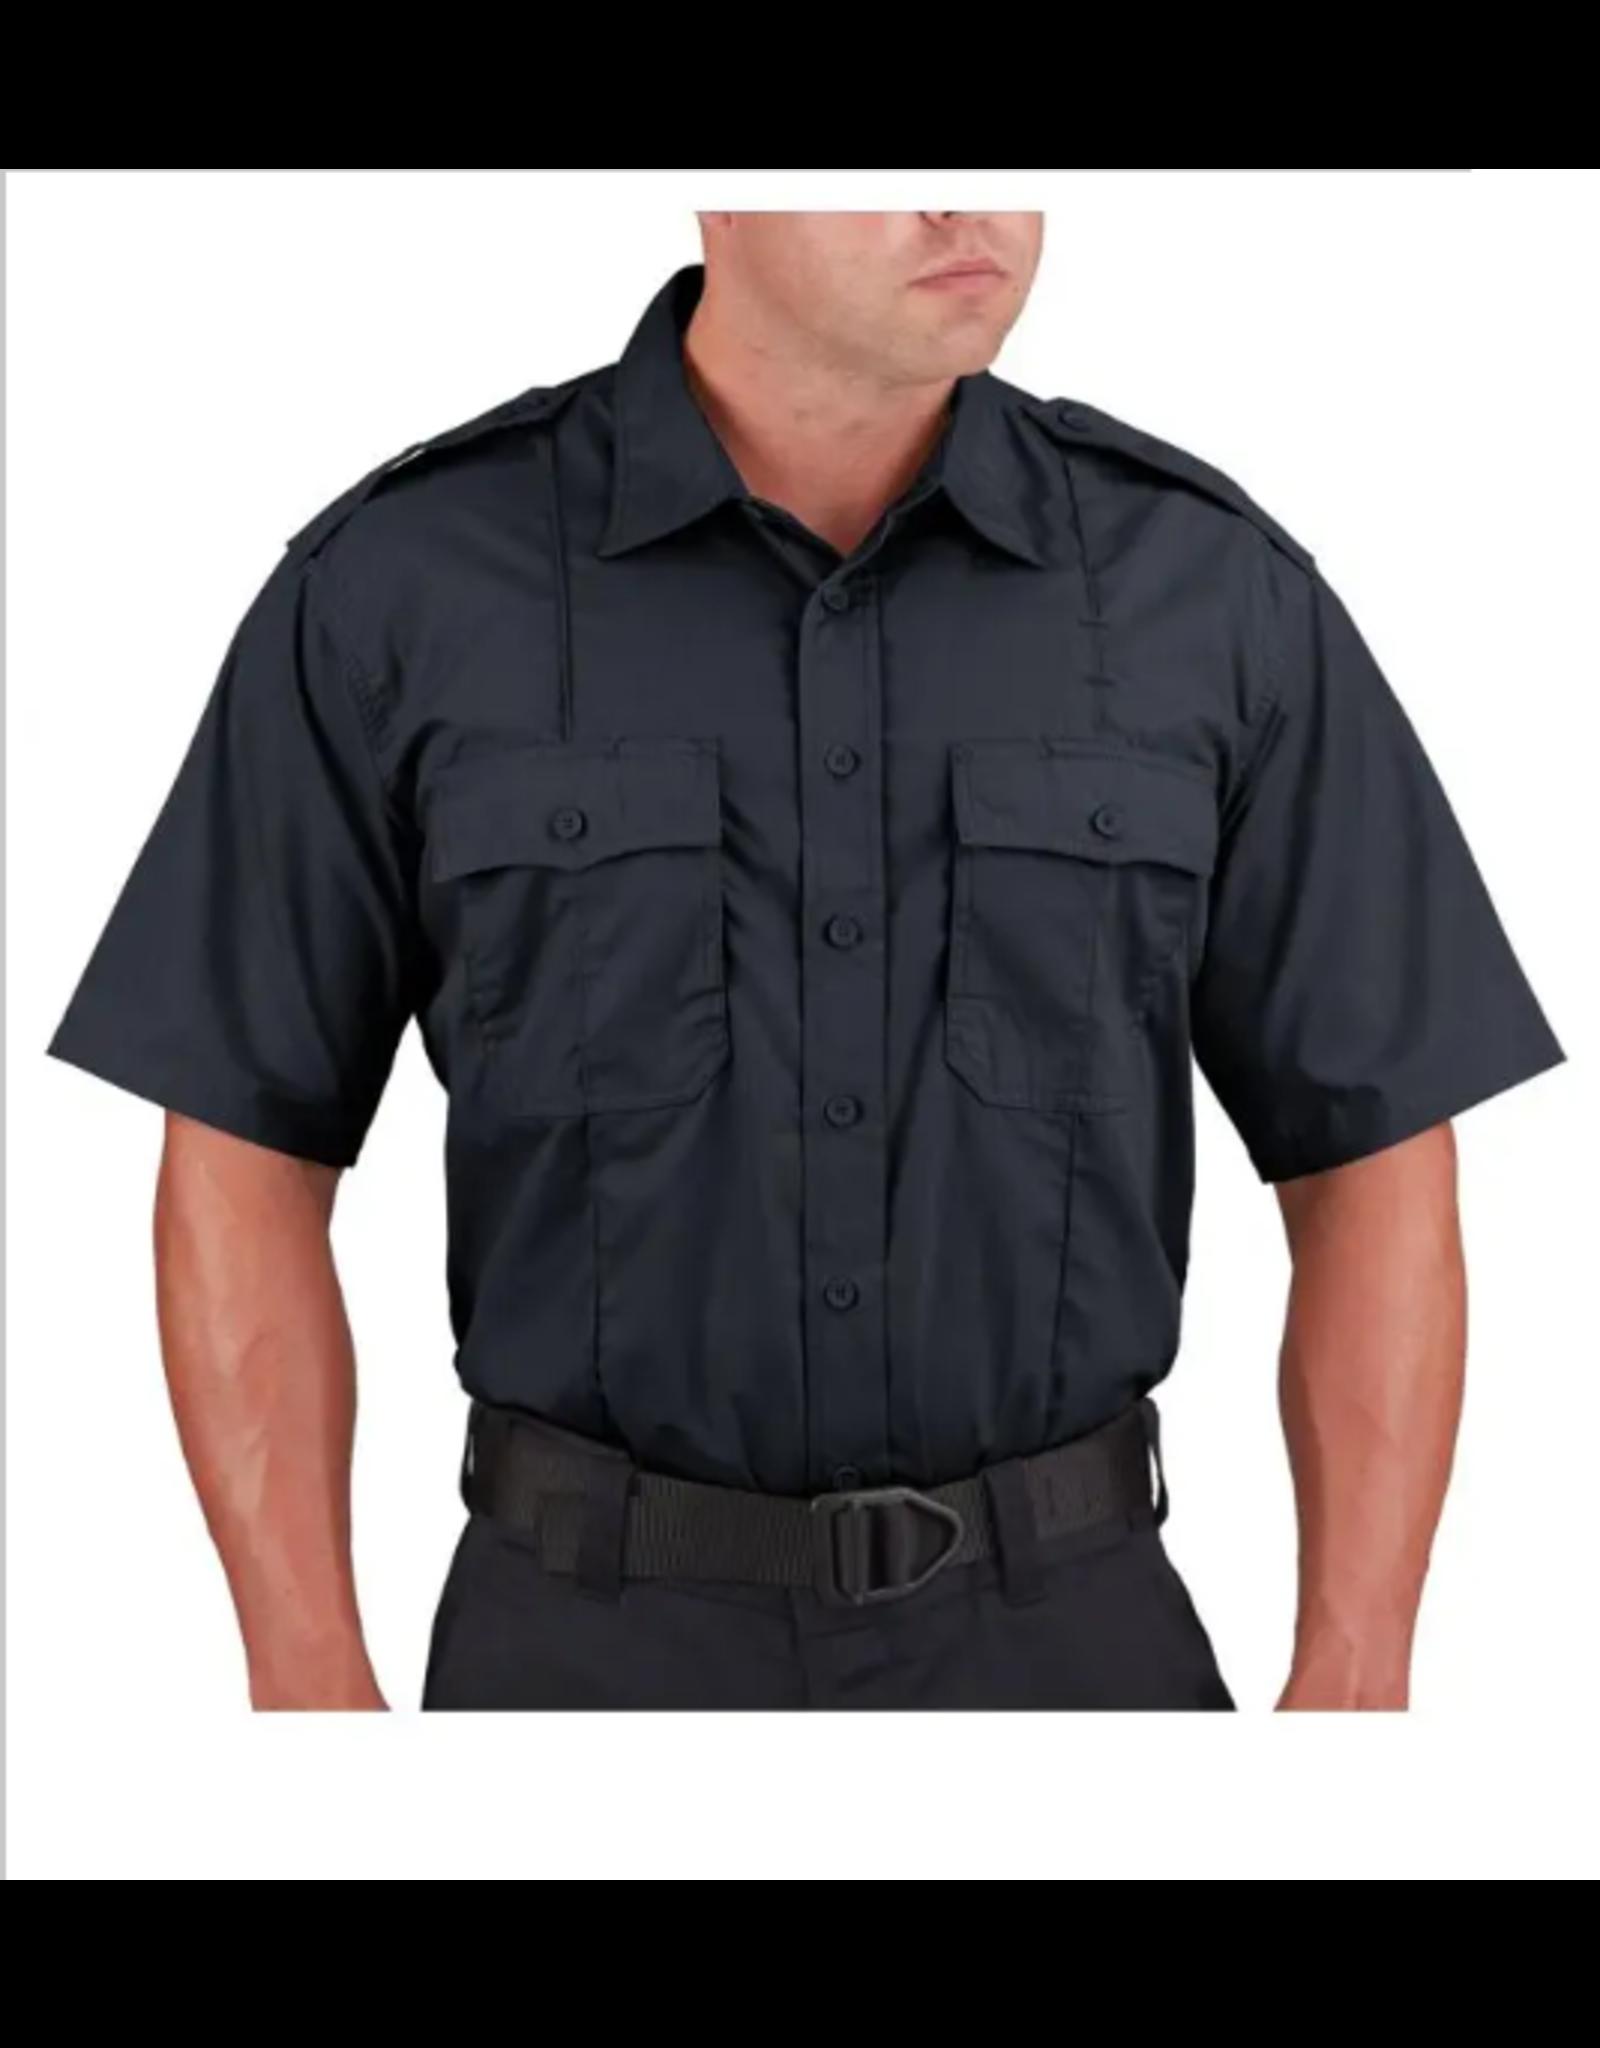 Propper Men's Duty Shirt Navy MidnightBlue Med